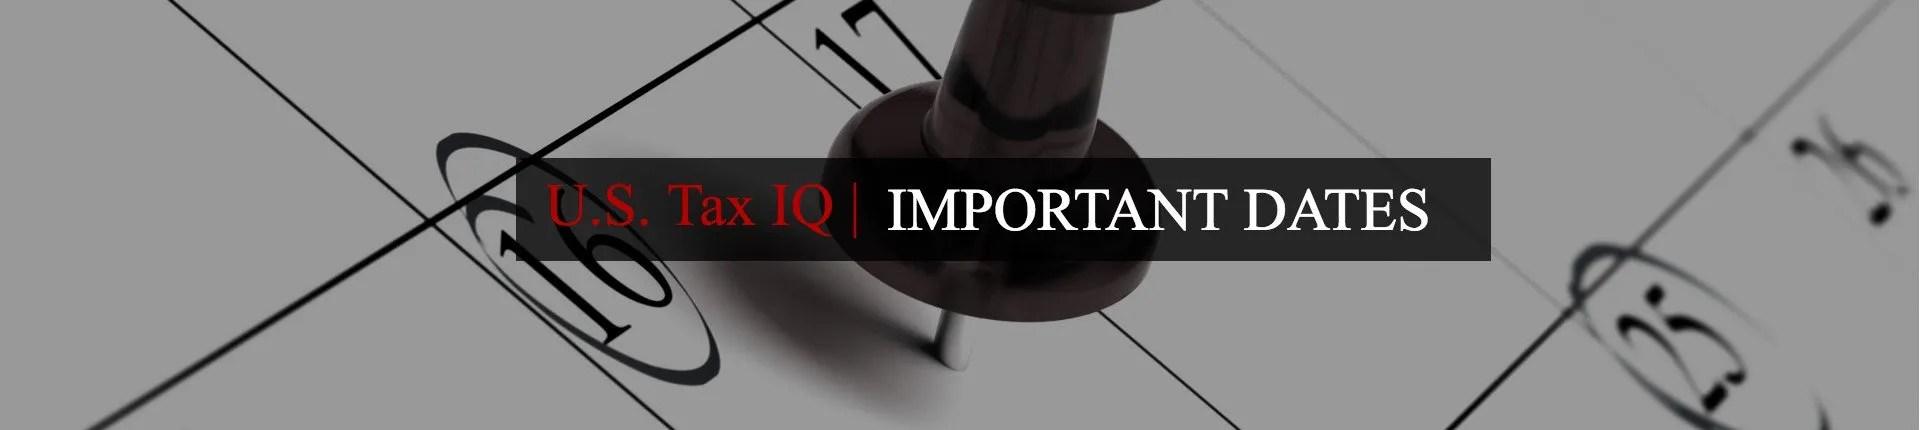 Important Dates Us Tax Law Us Tax Iq